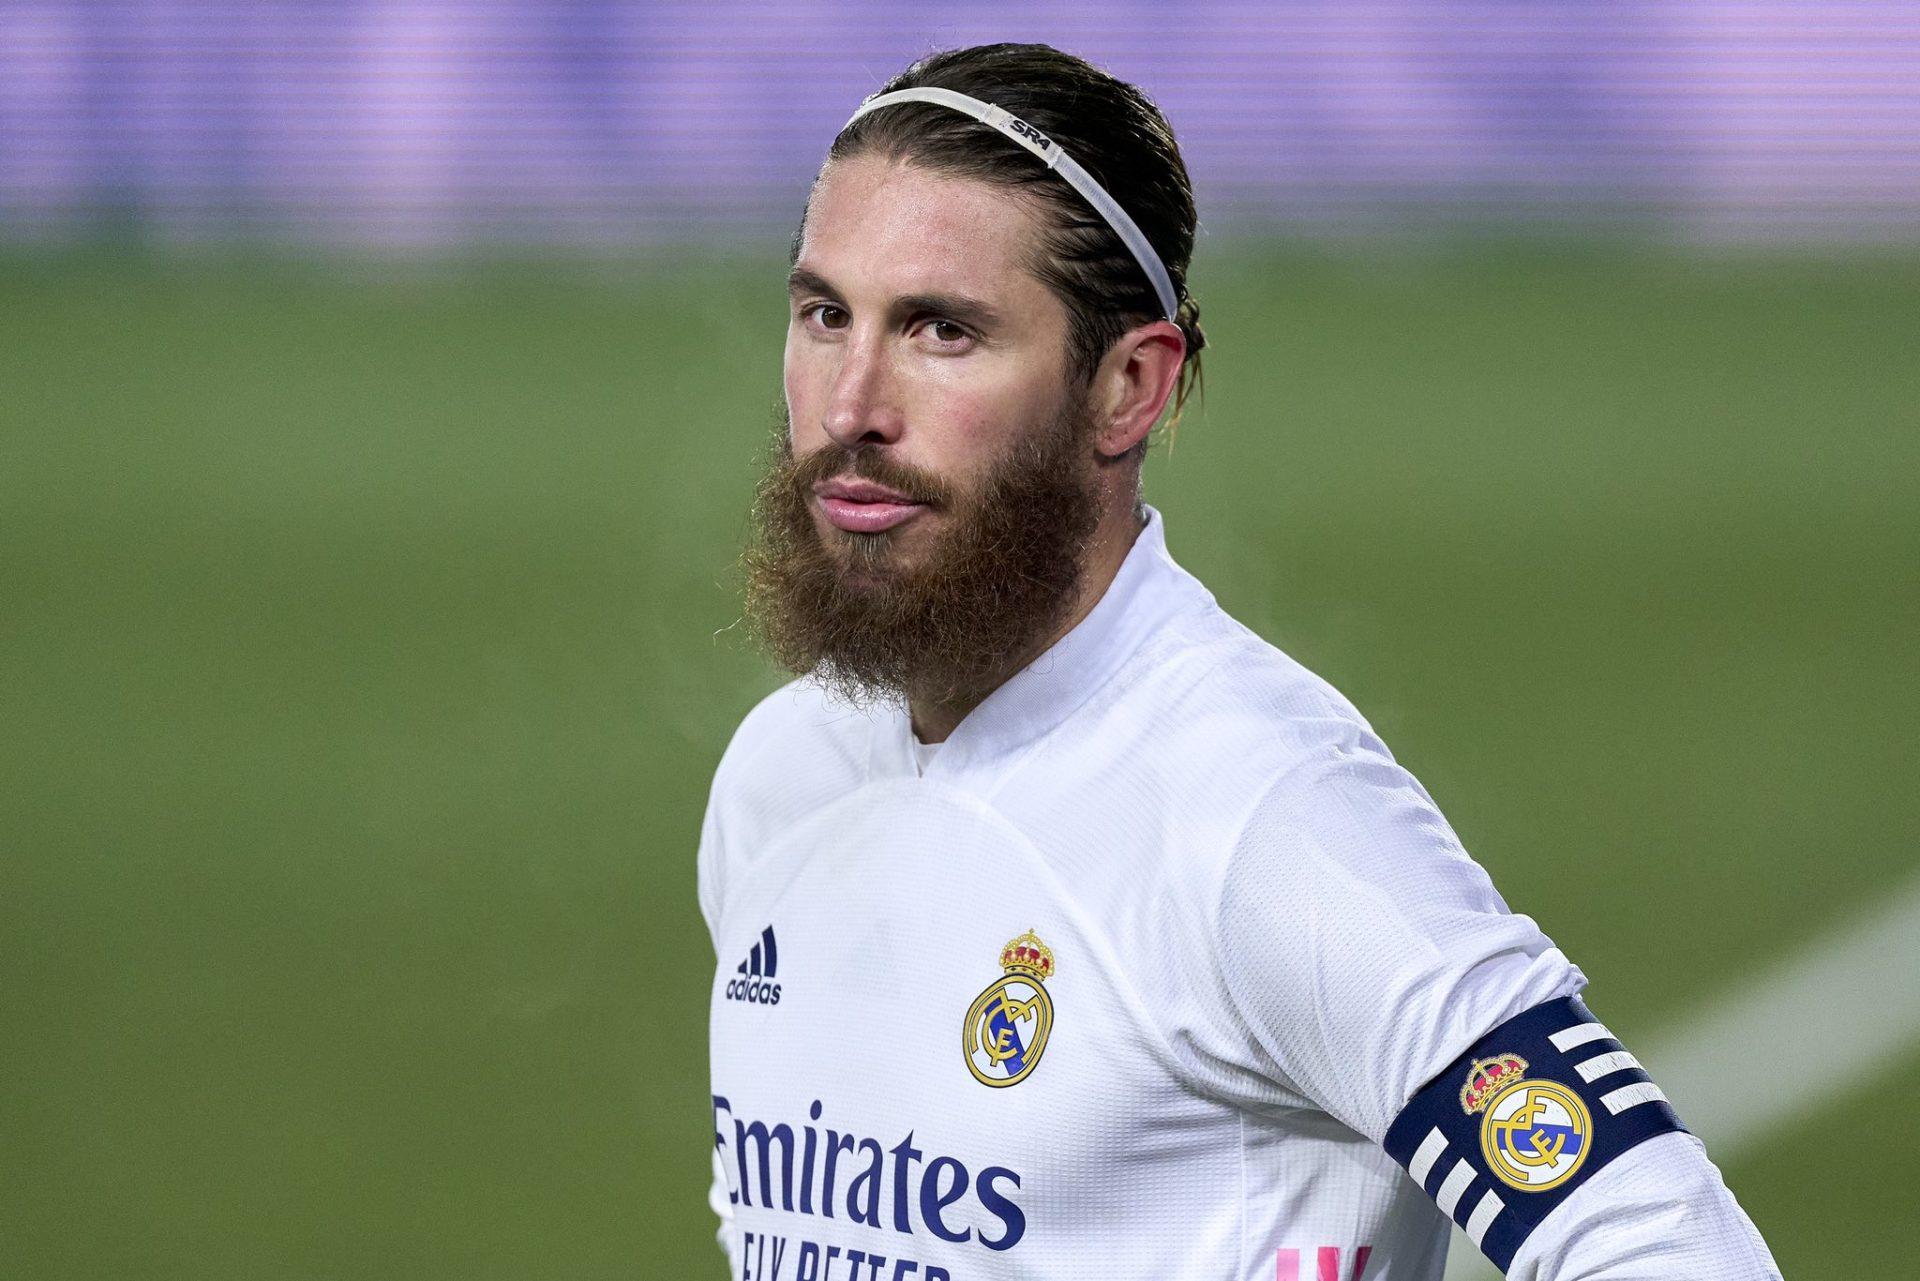 مستقبل راموس مع ريال مدريد في مهب الريح بعد تصرفه الأخير!